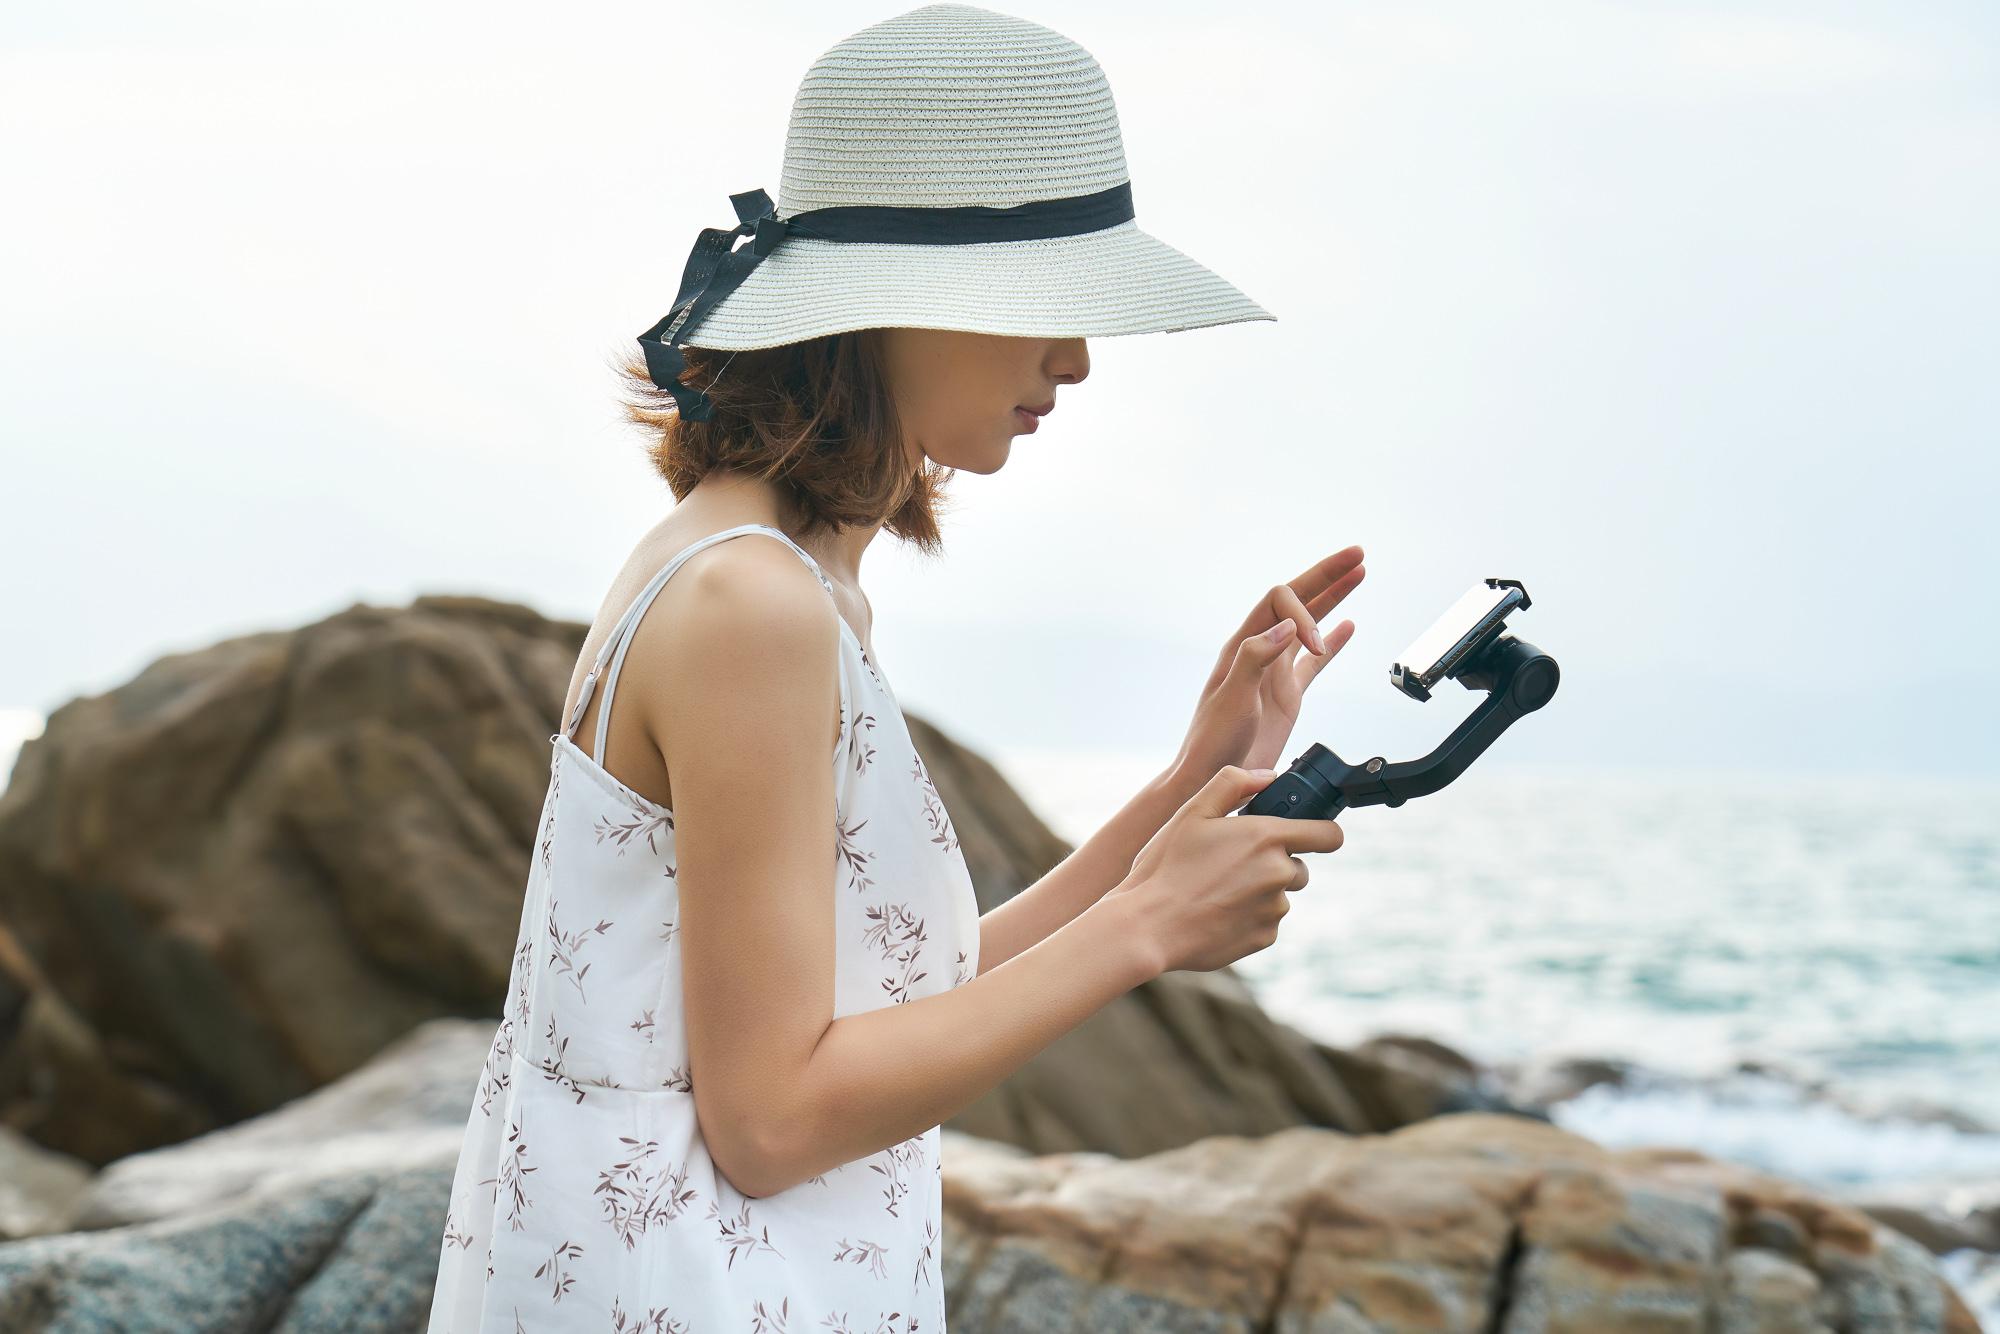 Dziewczyna nagrywa film smartfonem, który umieszczony jest na gimbalu